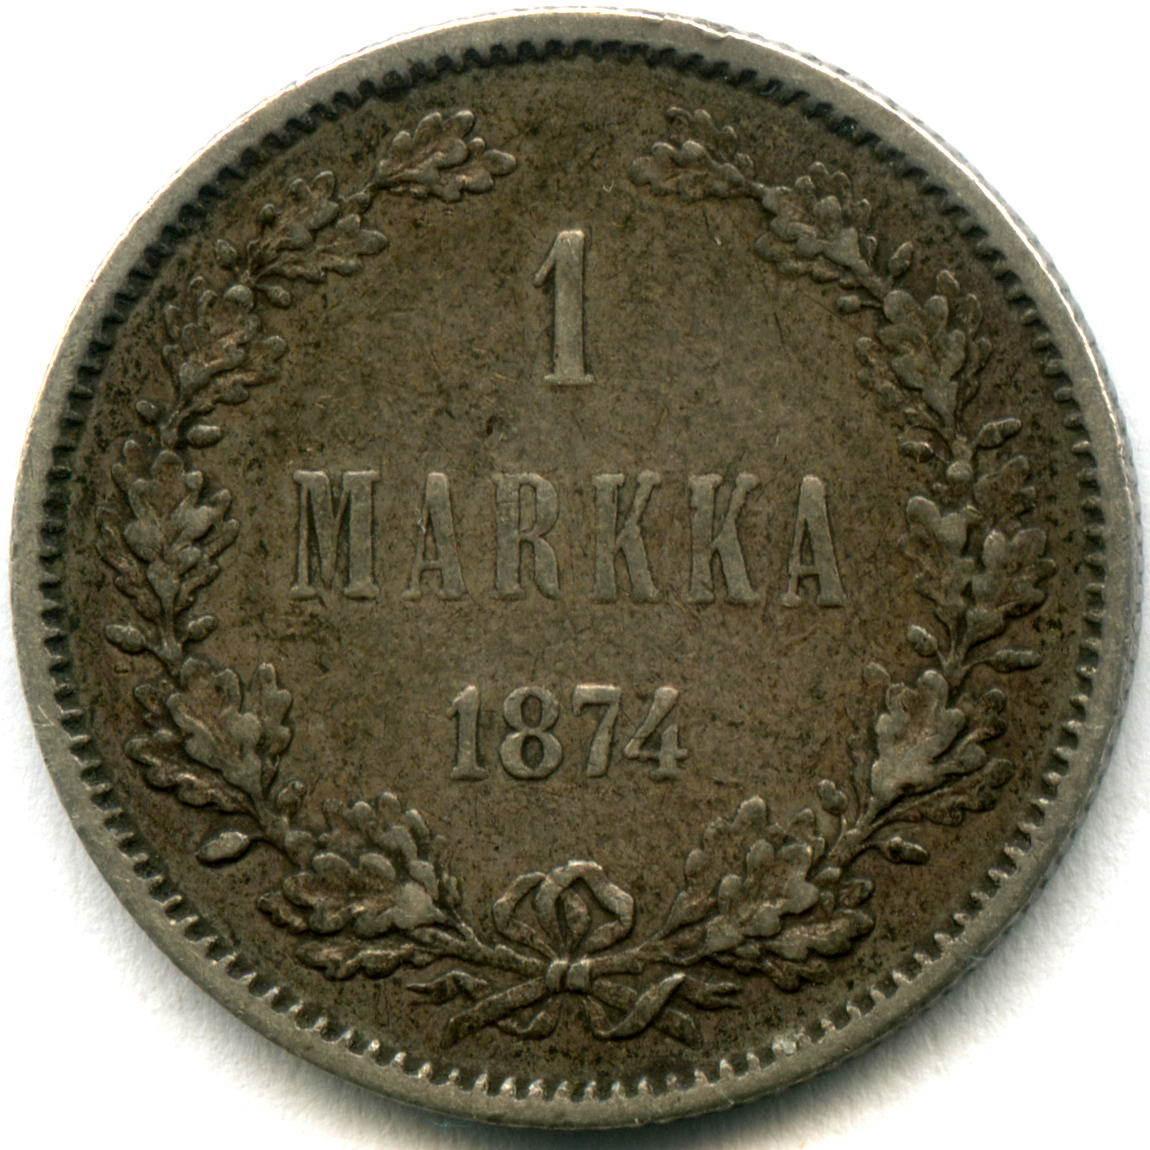 1 марка 1874 года. (S). VF. (Россия для Финляндии)